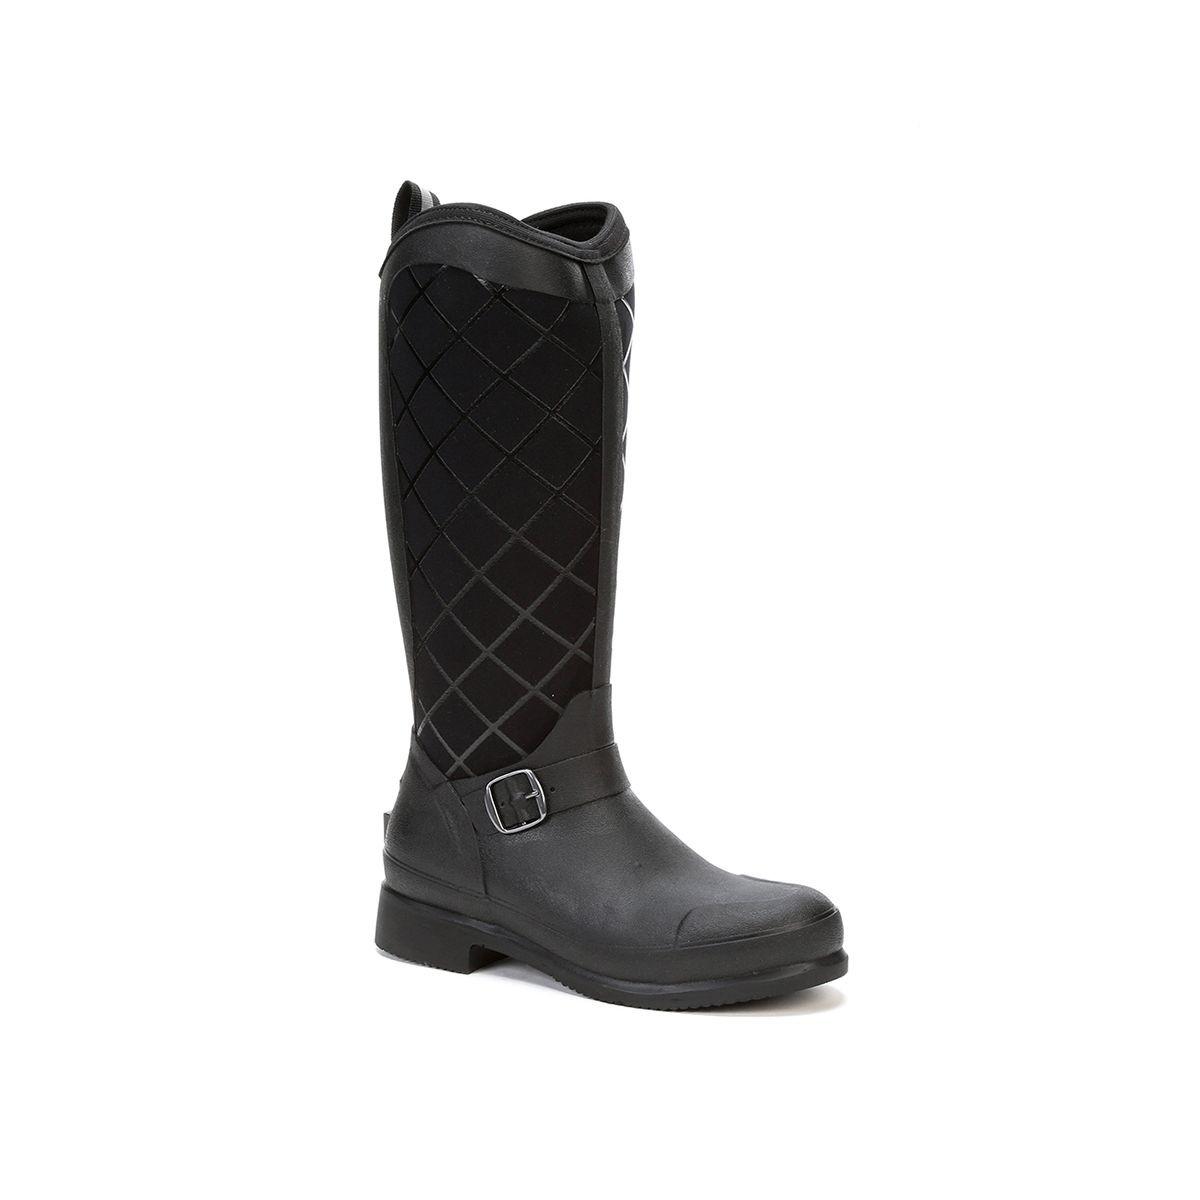 4d624ec6015 Muck Pacy II Rubber Boot